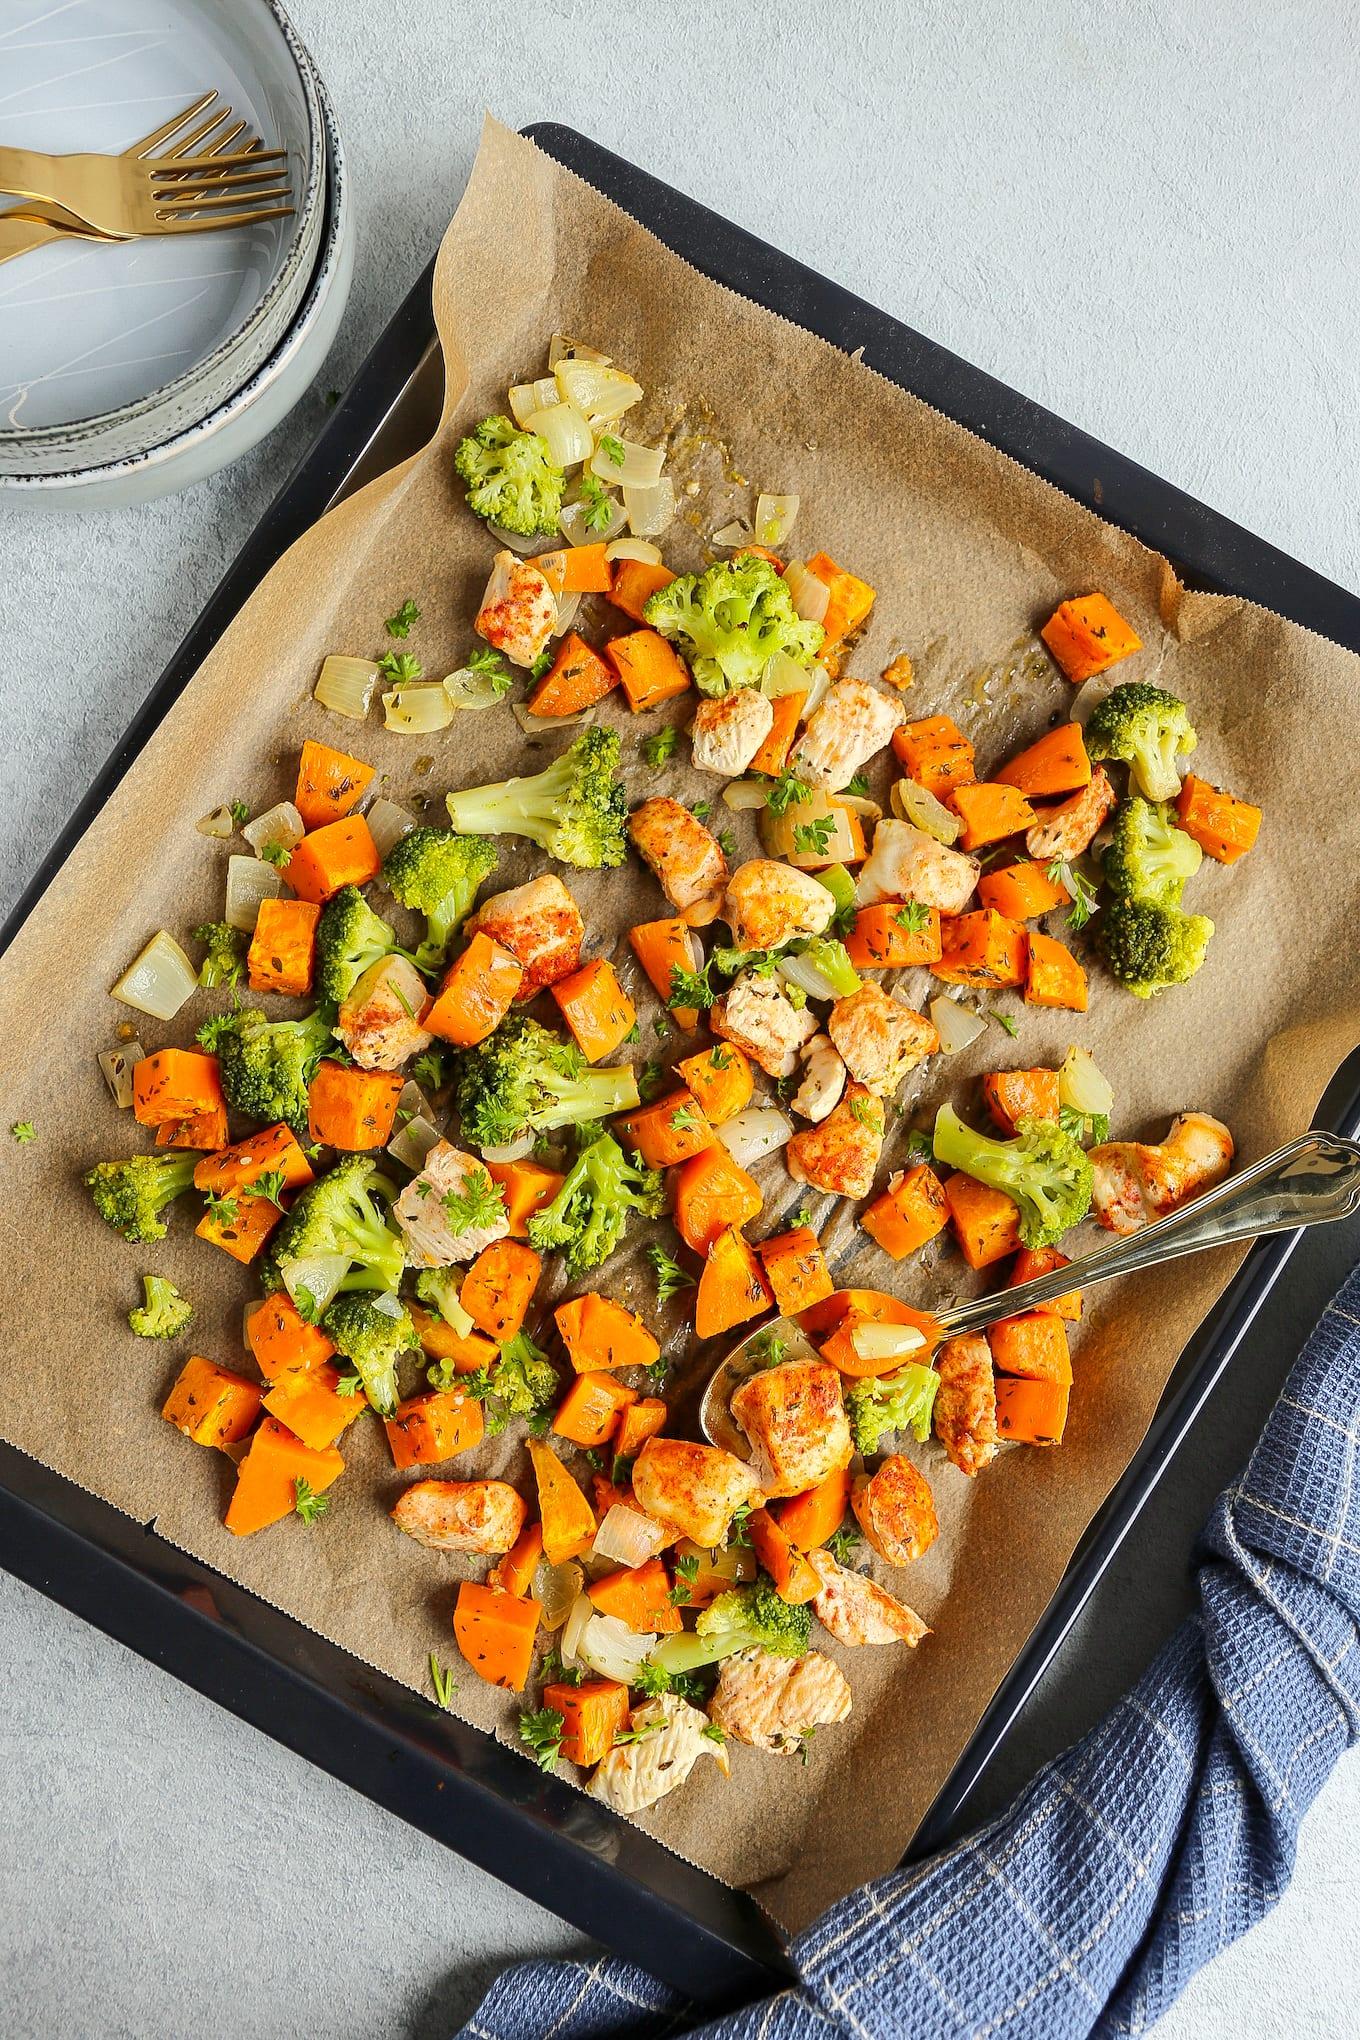 bakplaat met kip, aardappel en broccoli